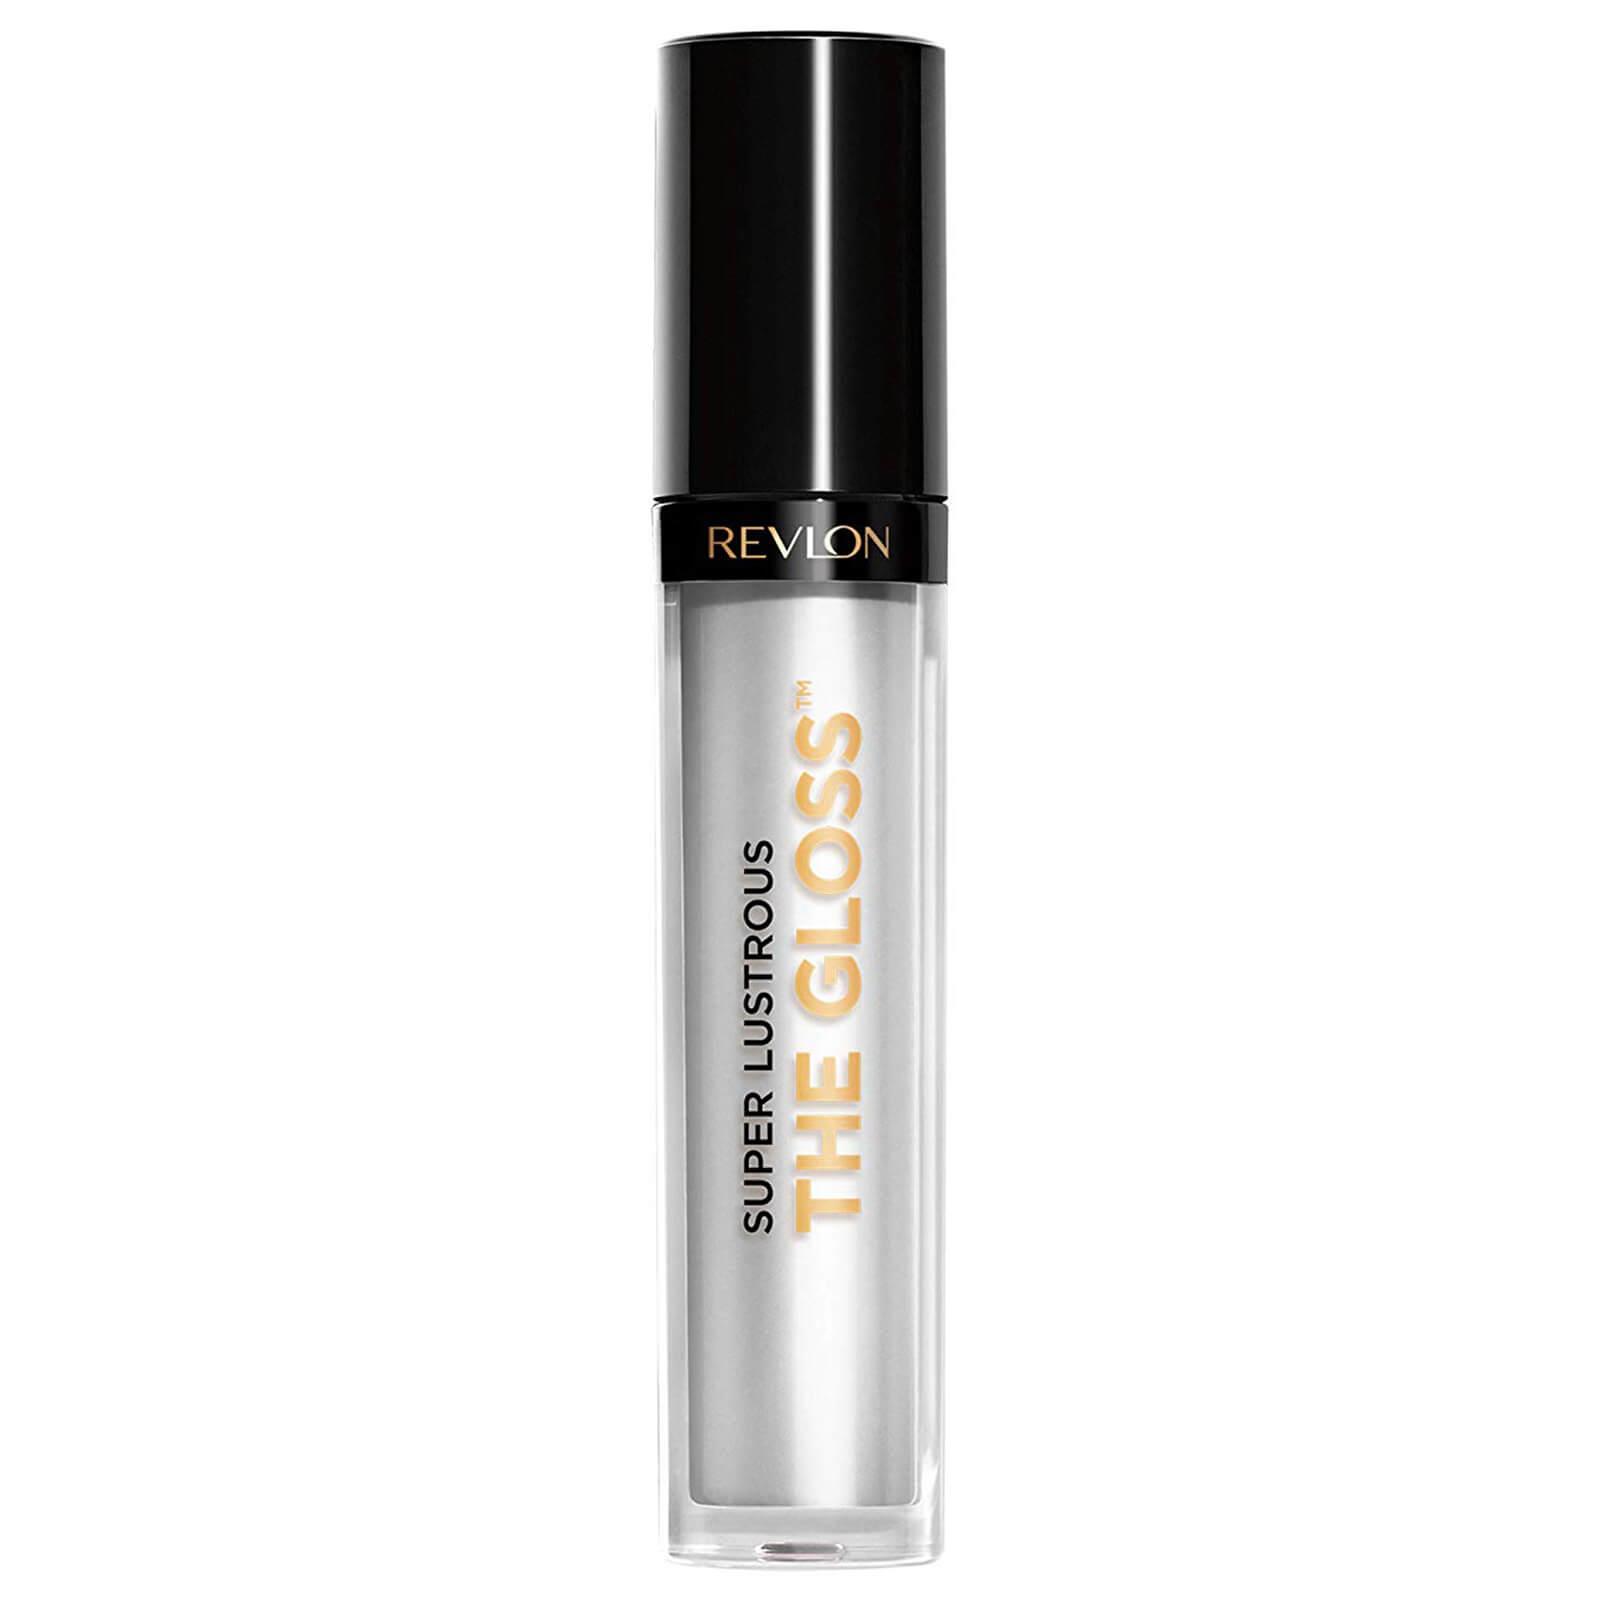 Купить Revlon Super Lustrous The Gloss (Various Shades) - Crystal Clear